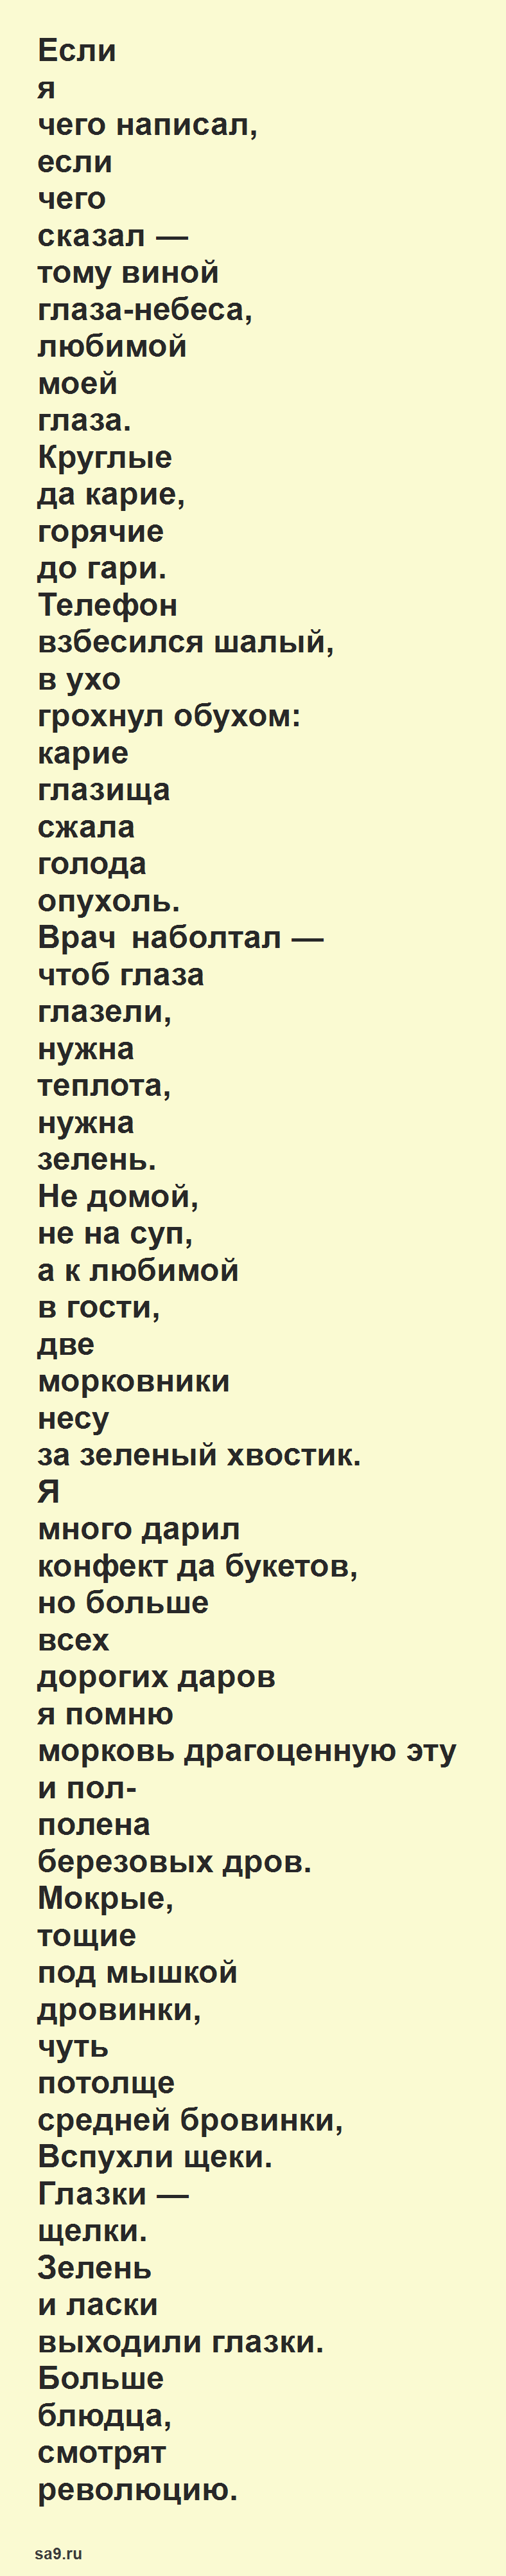 Маяковский стихи о любви - Если я чего написал